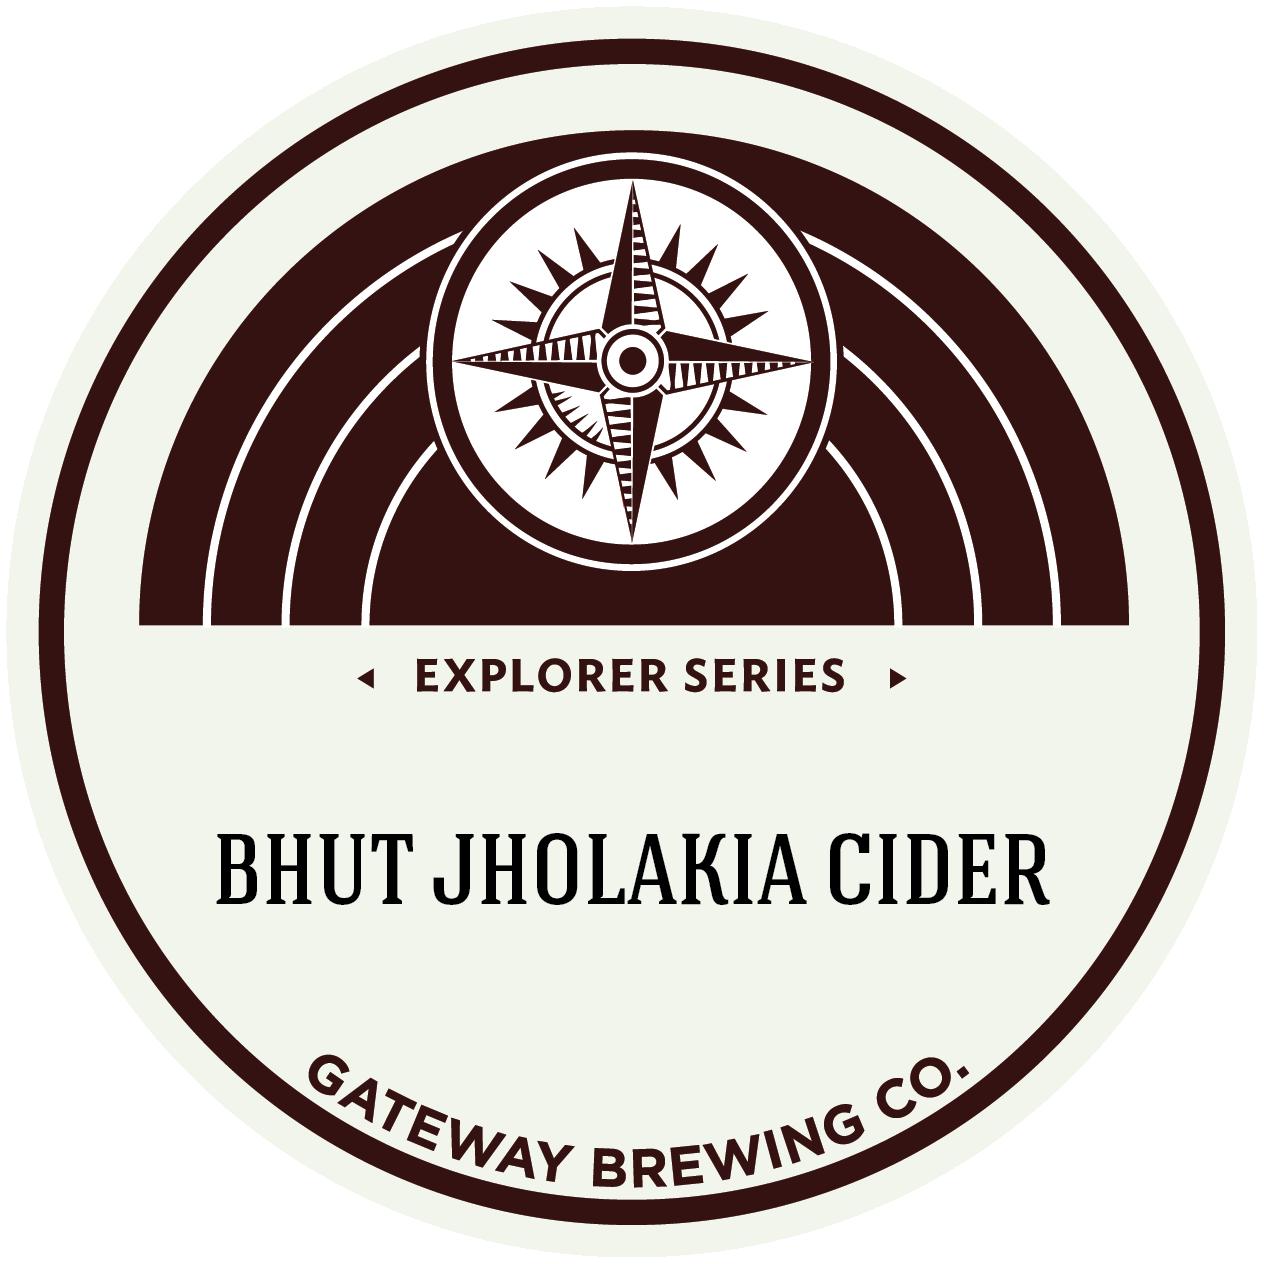 Bhut Jholakia Cider